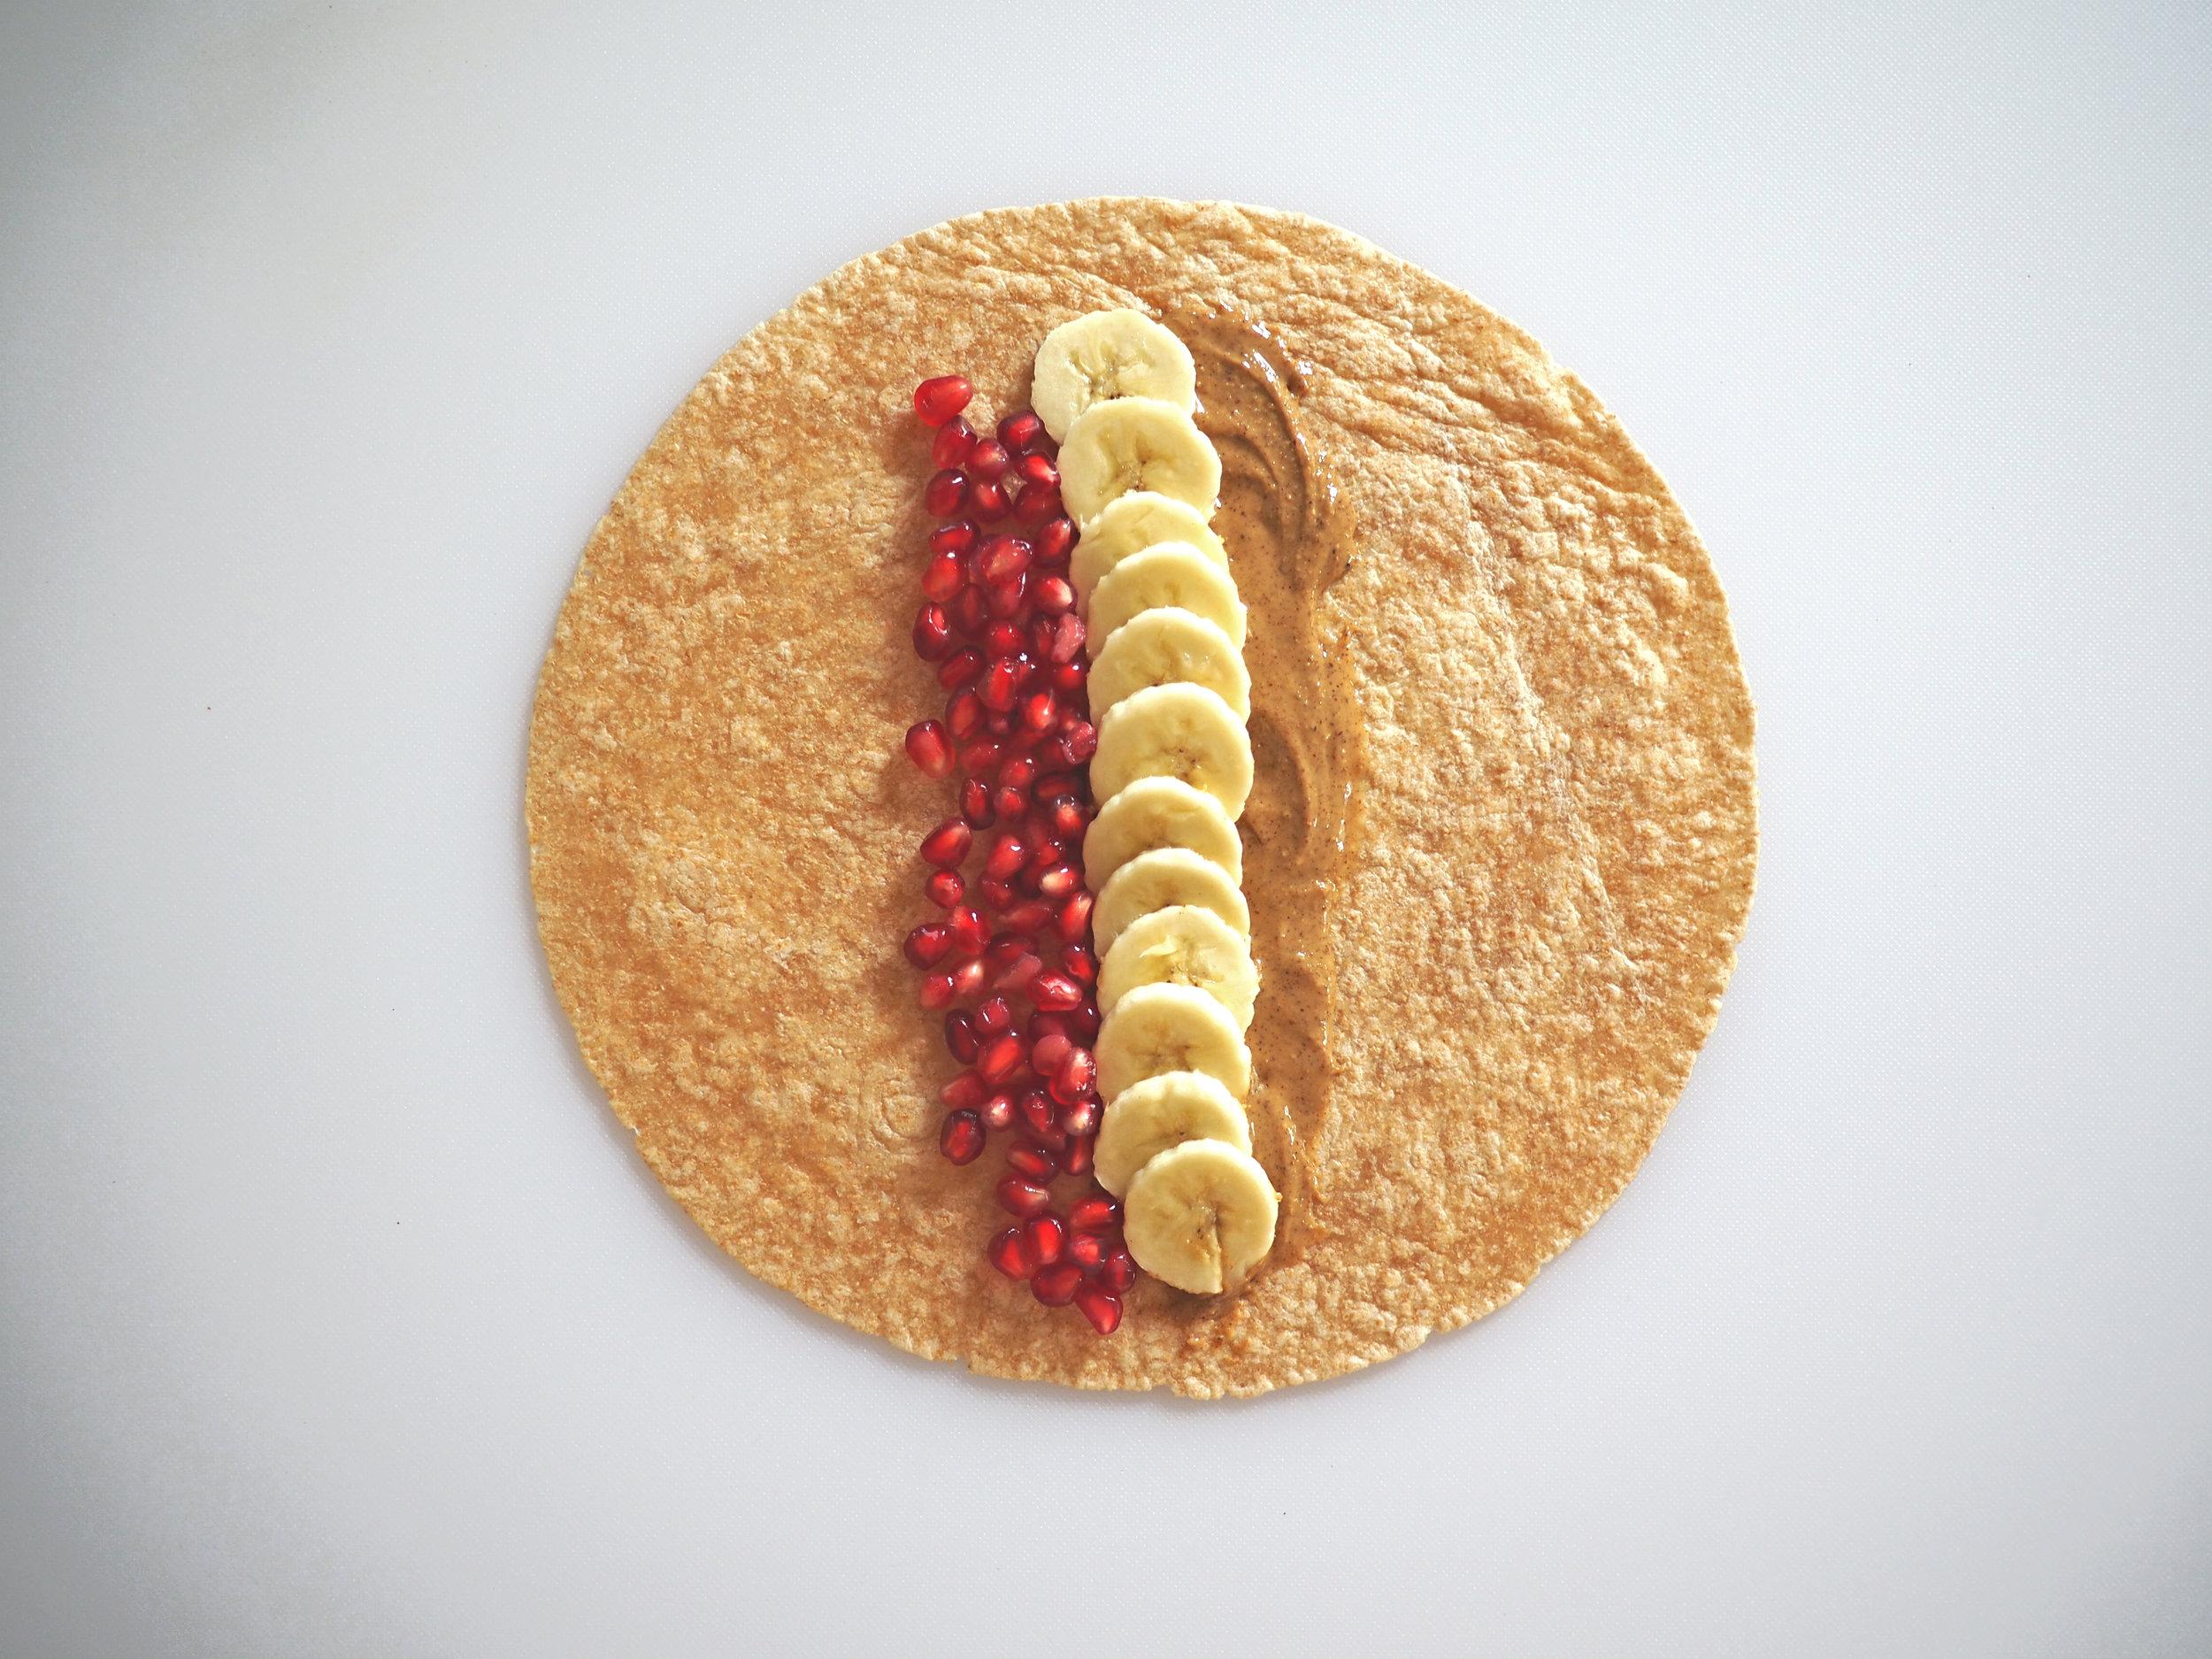 Nut Butter Quesadilla.jpg